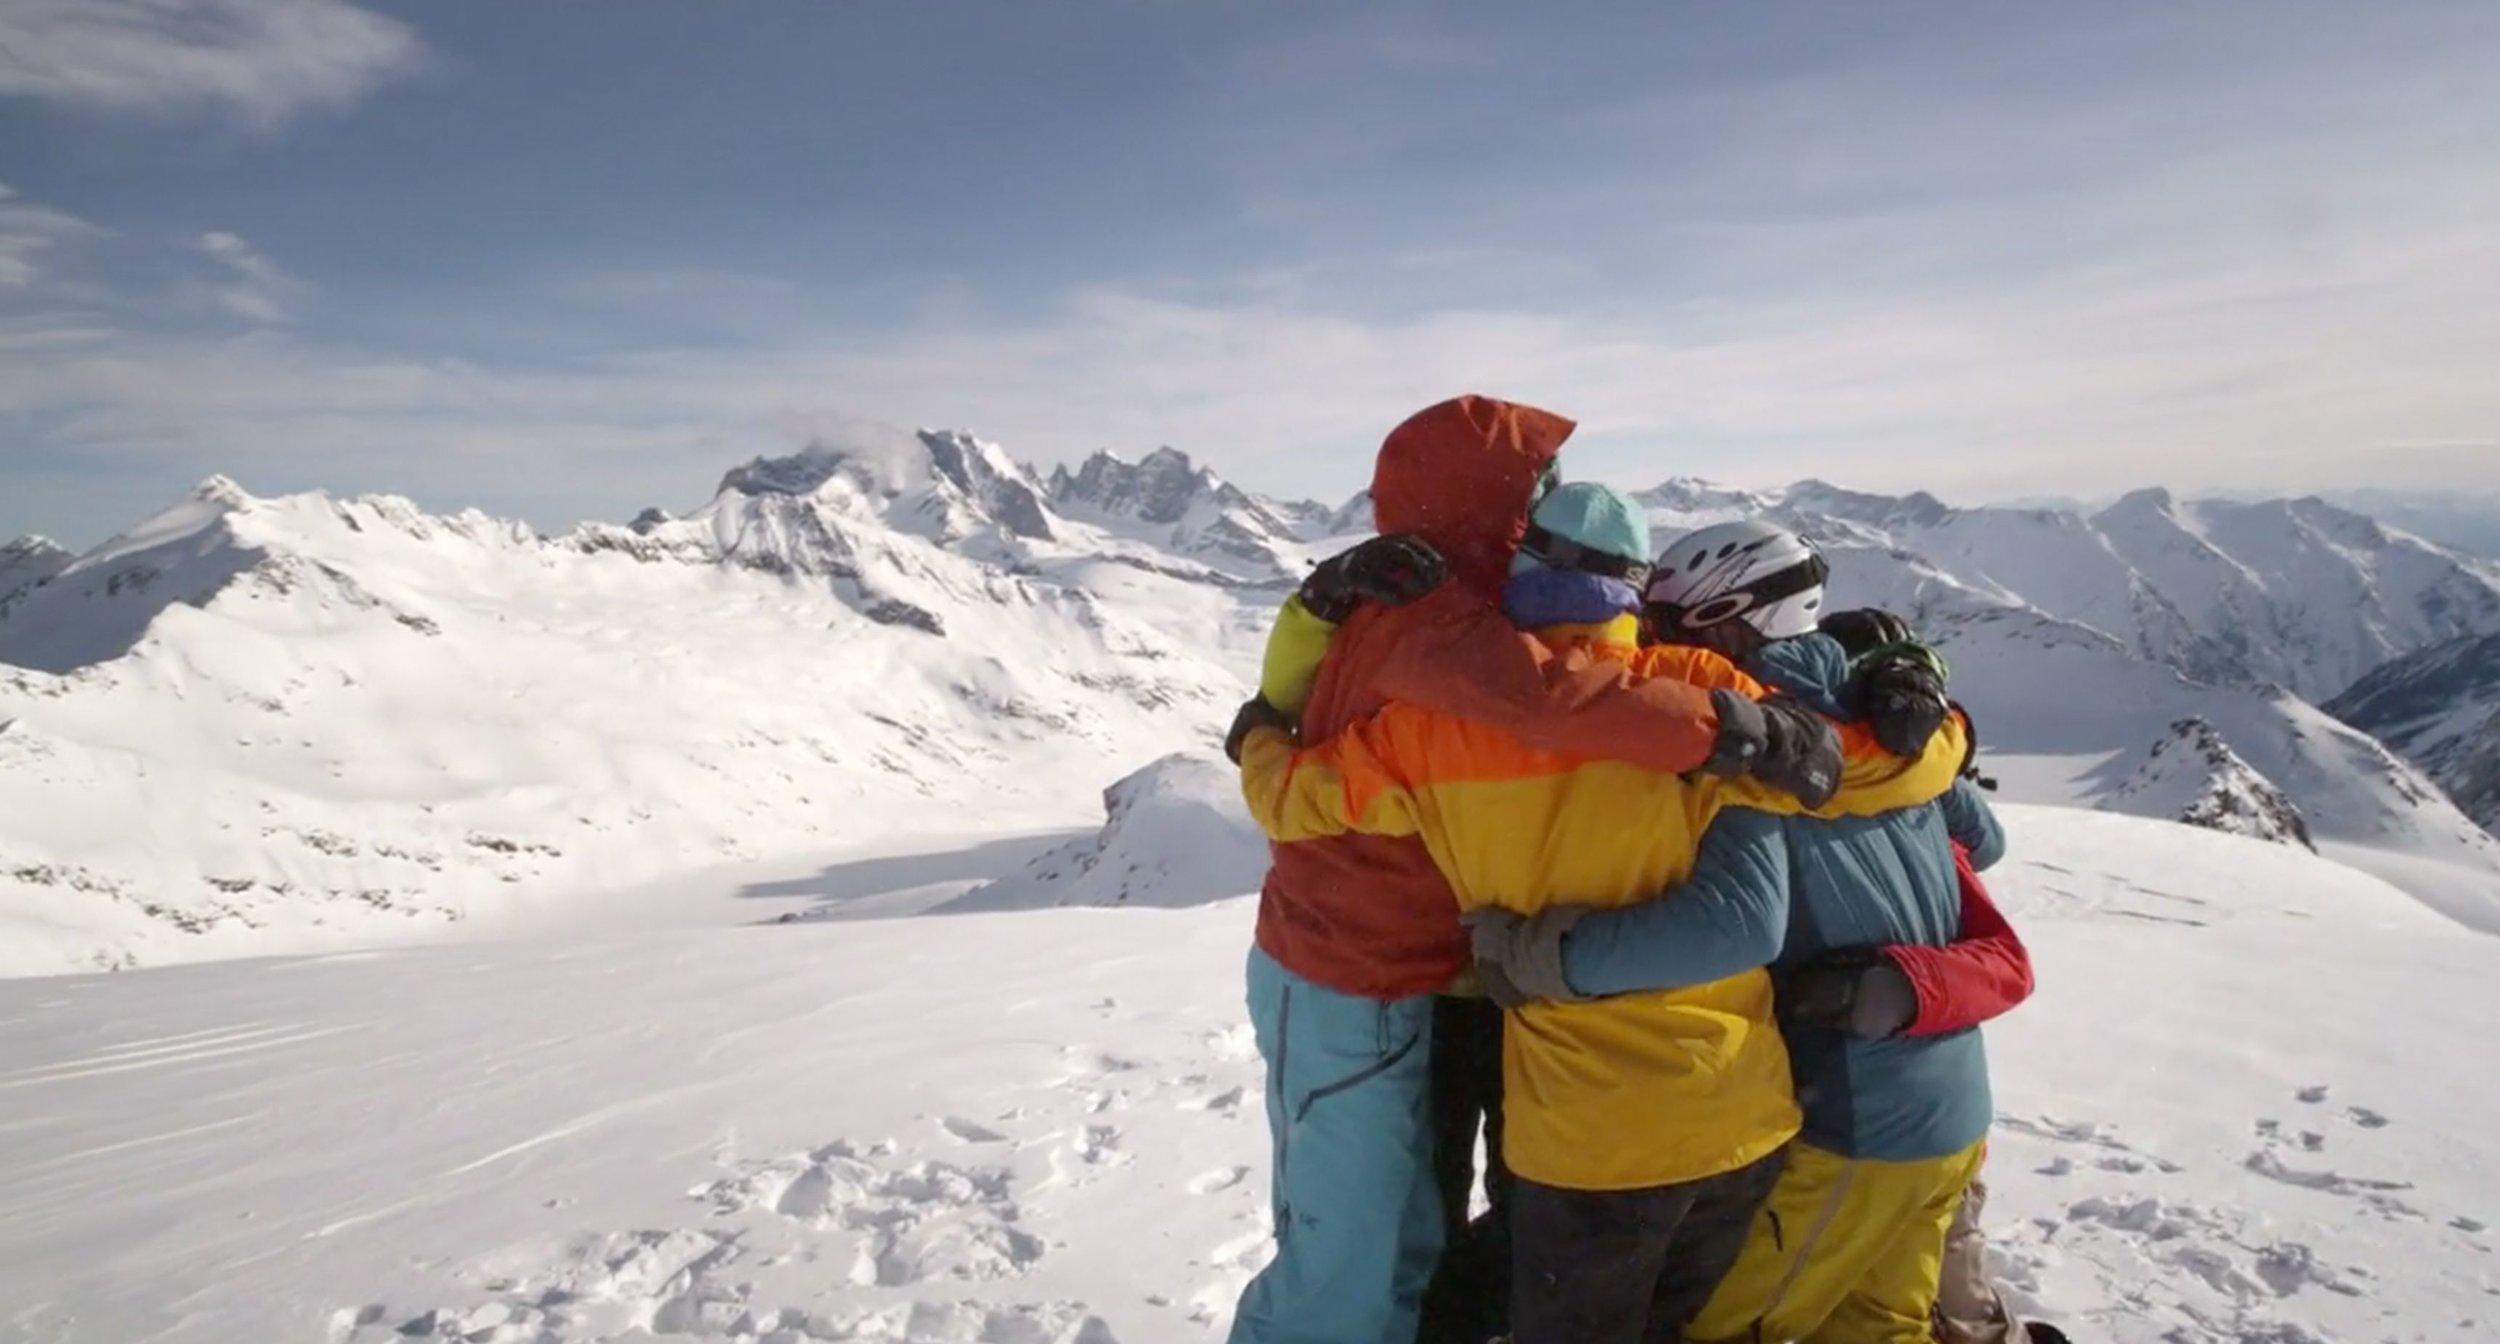 Skier Group Hug